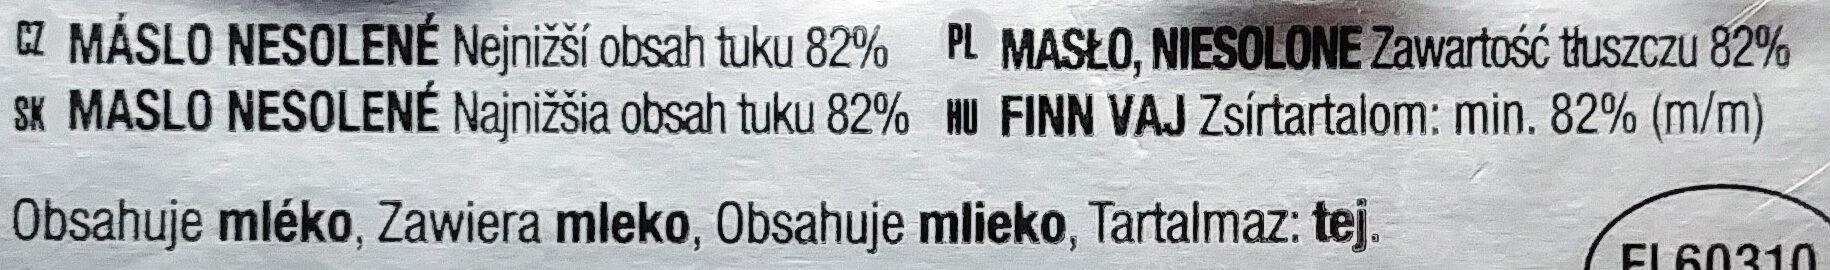 Masło niesolone - Składniki - pl